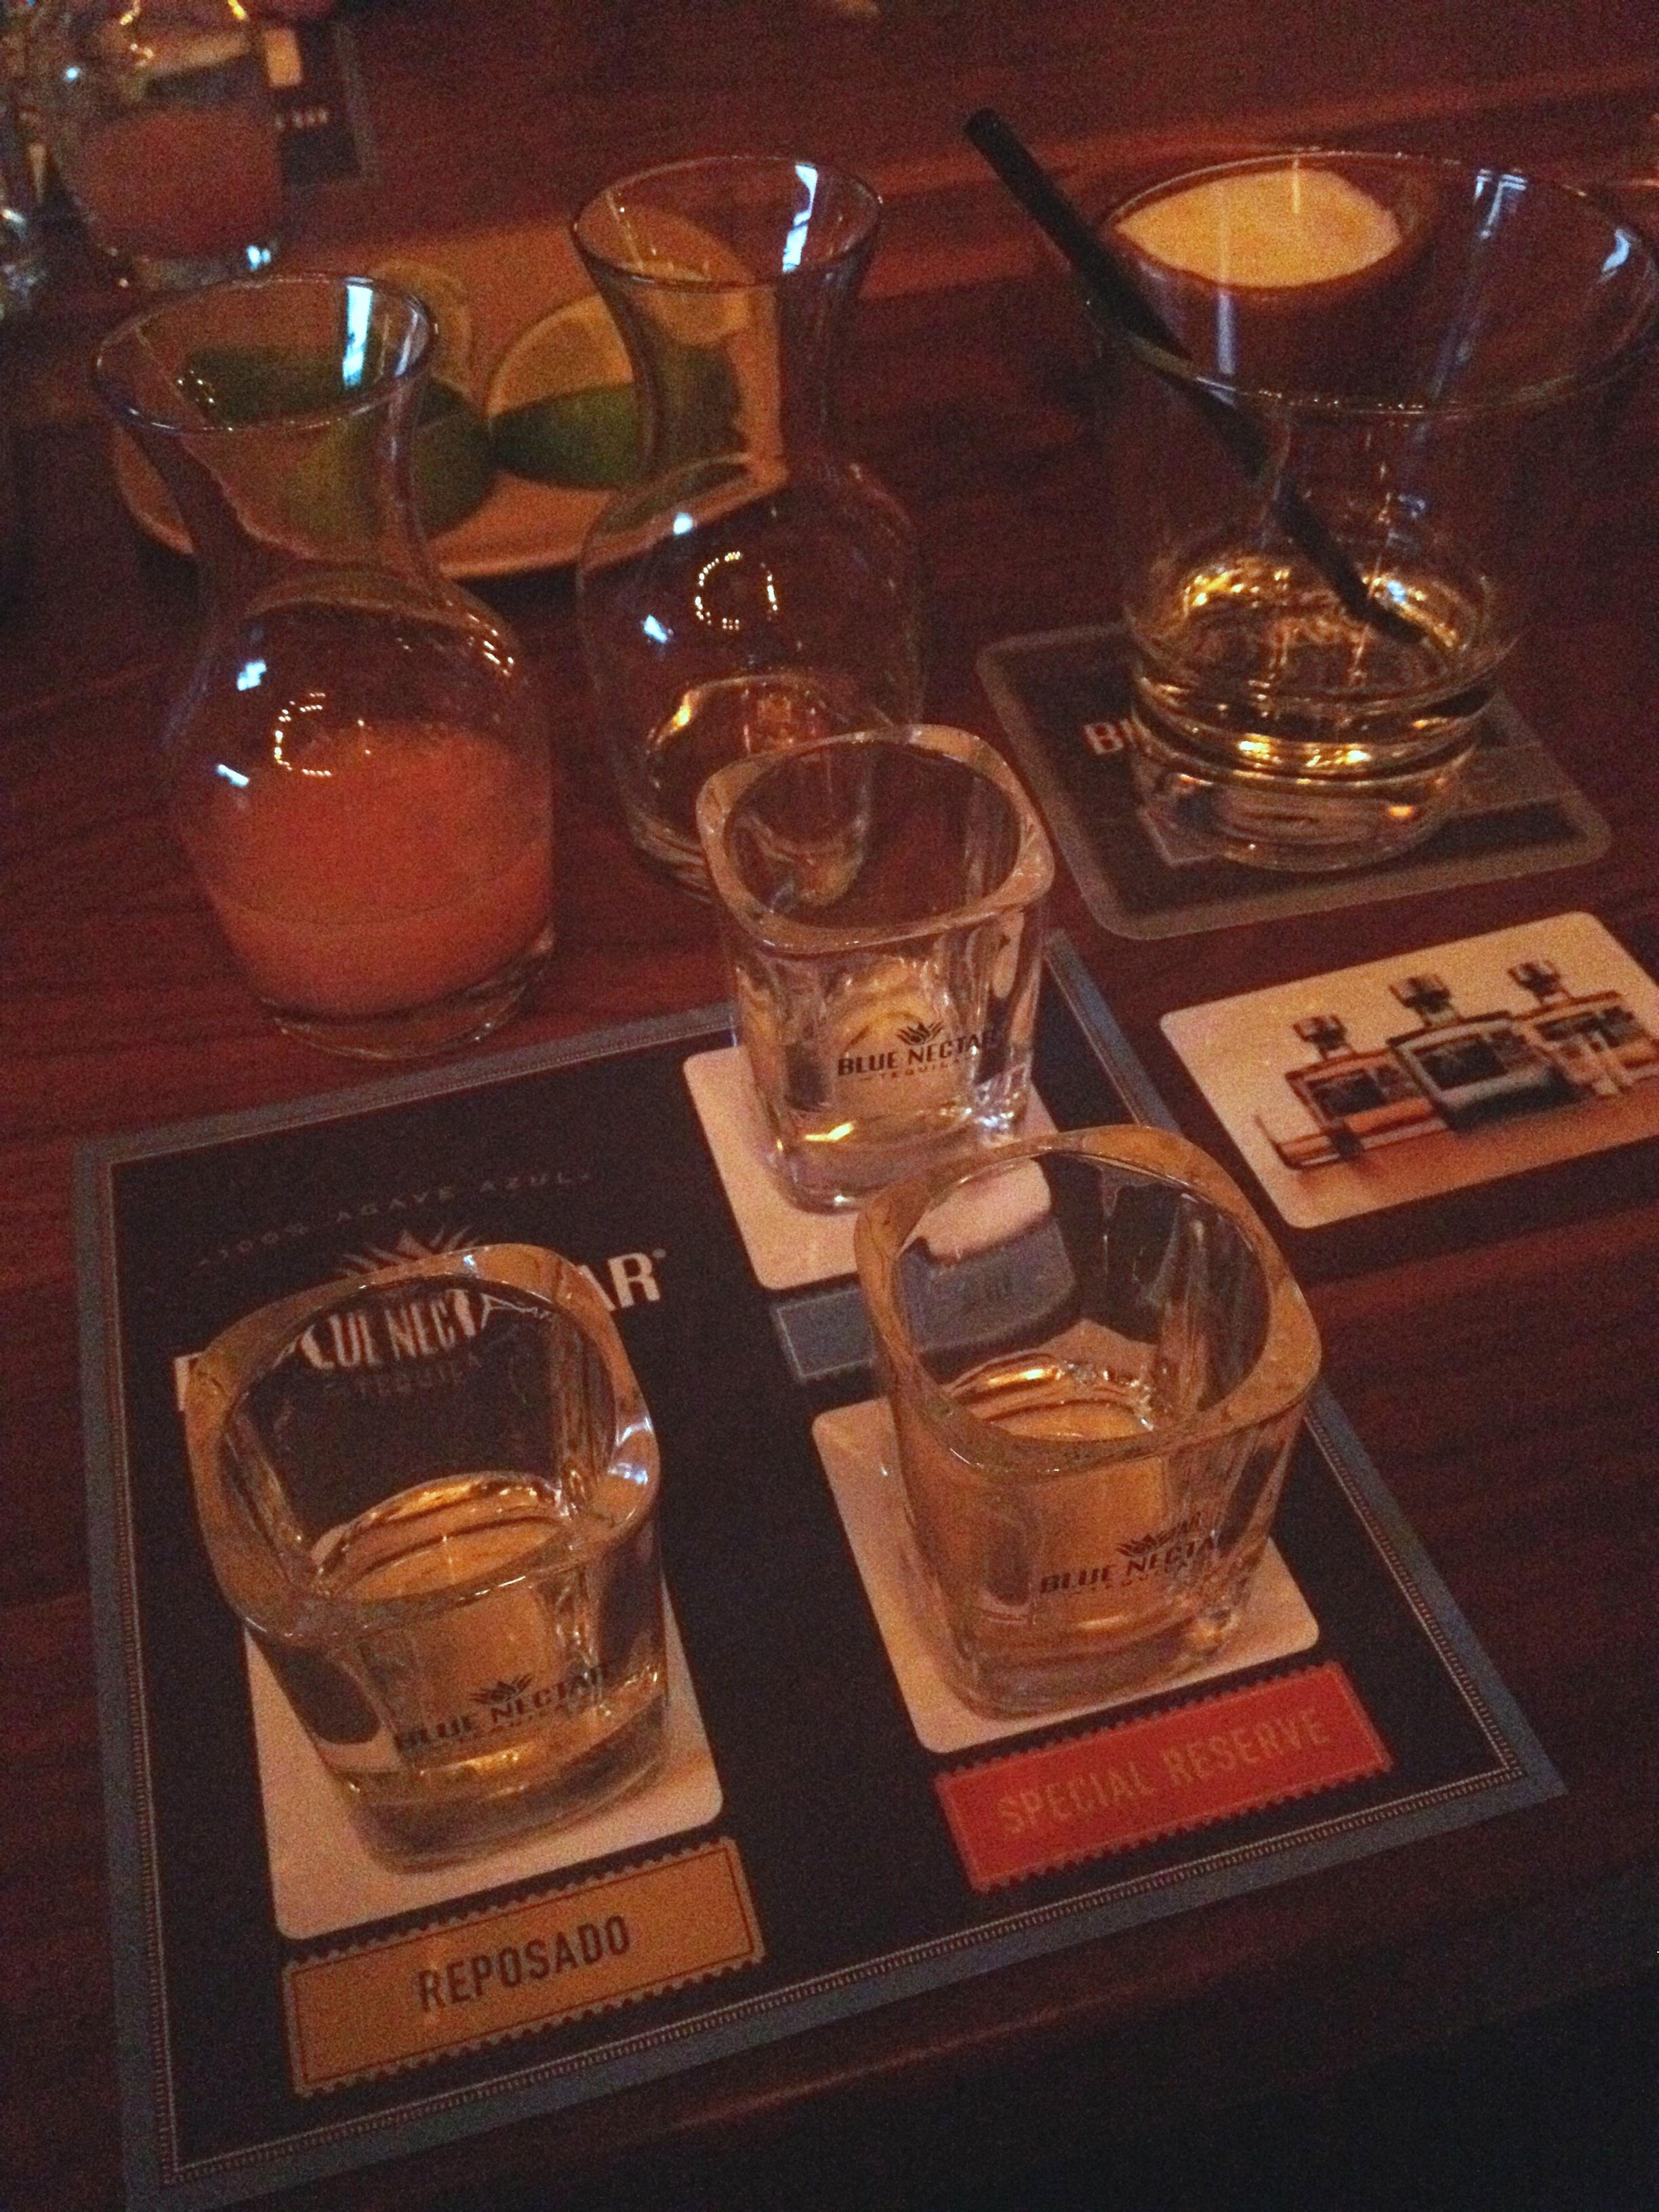 tequila tasting in dallas via dallasfoodnerd.com